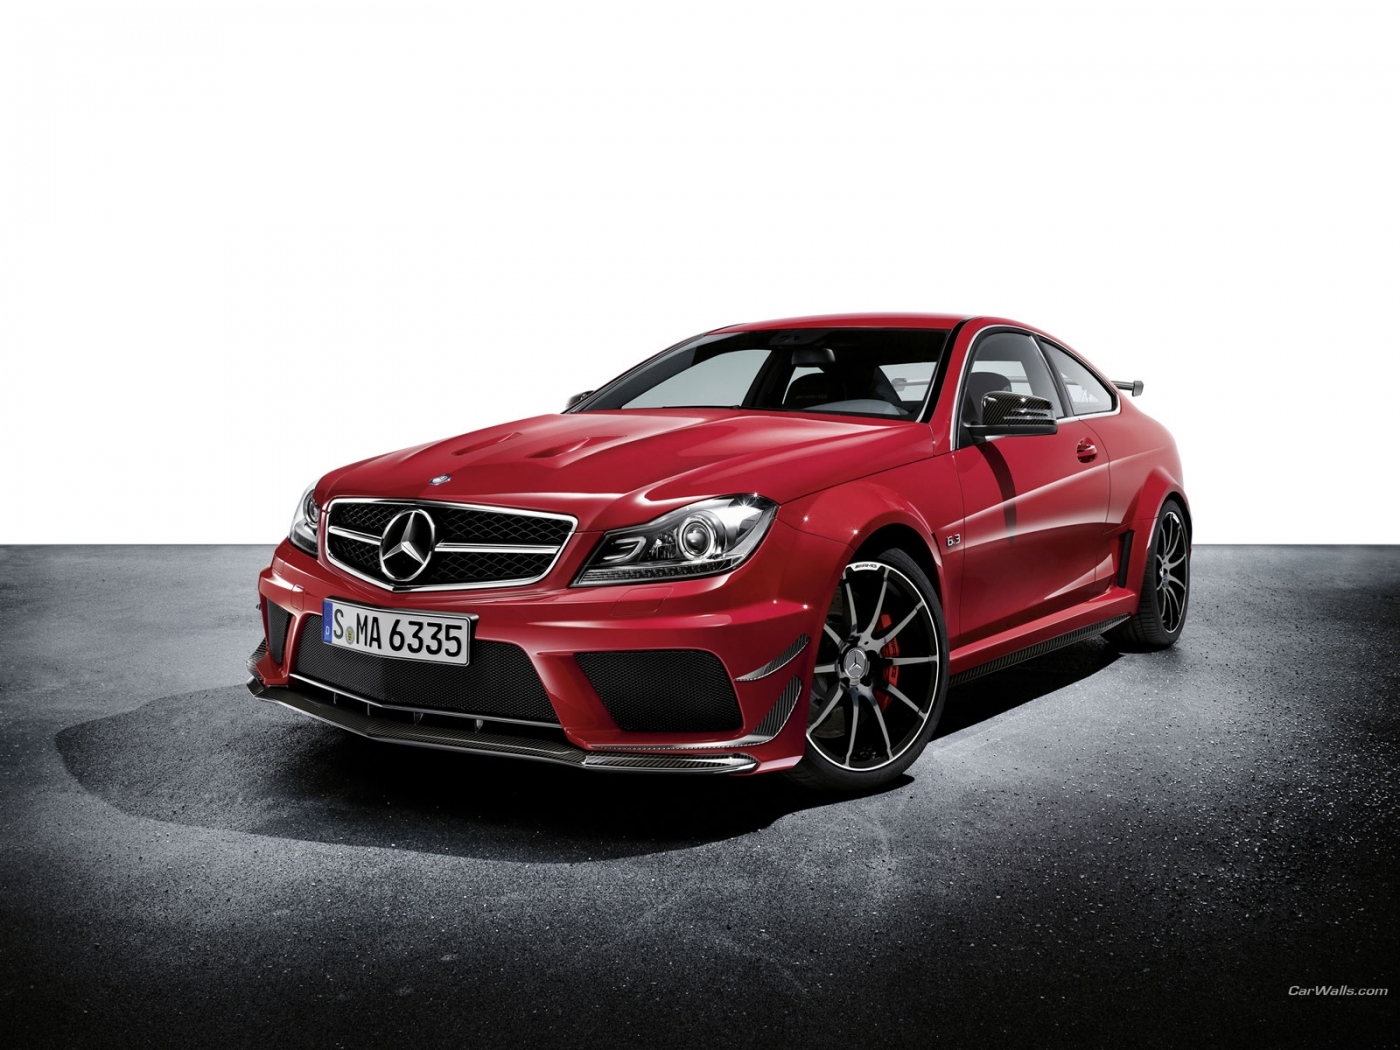 26231 скачать обои Транспорт, Машины, Мерседес (Mercedes) - заставки и картинки бесплатно